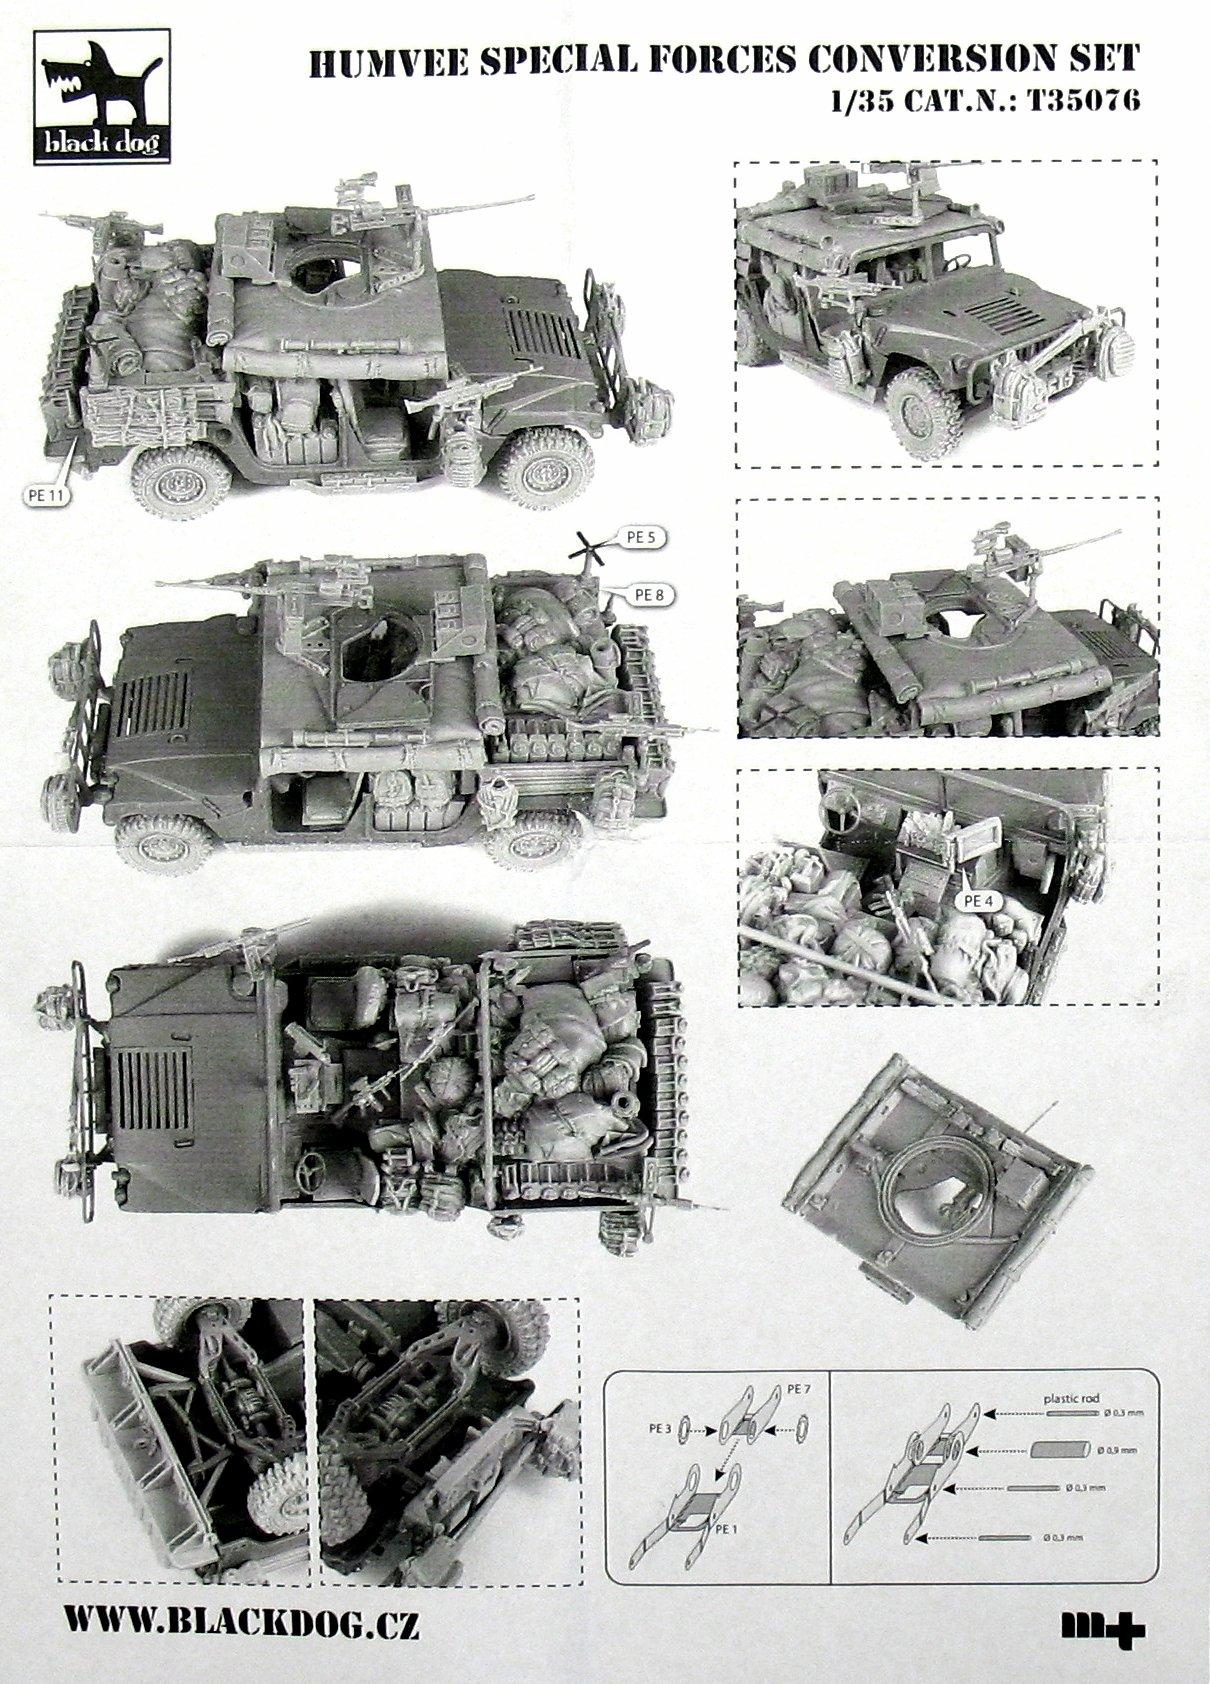 Black Dog Special Forces Humvee